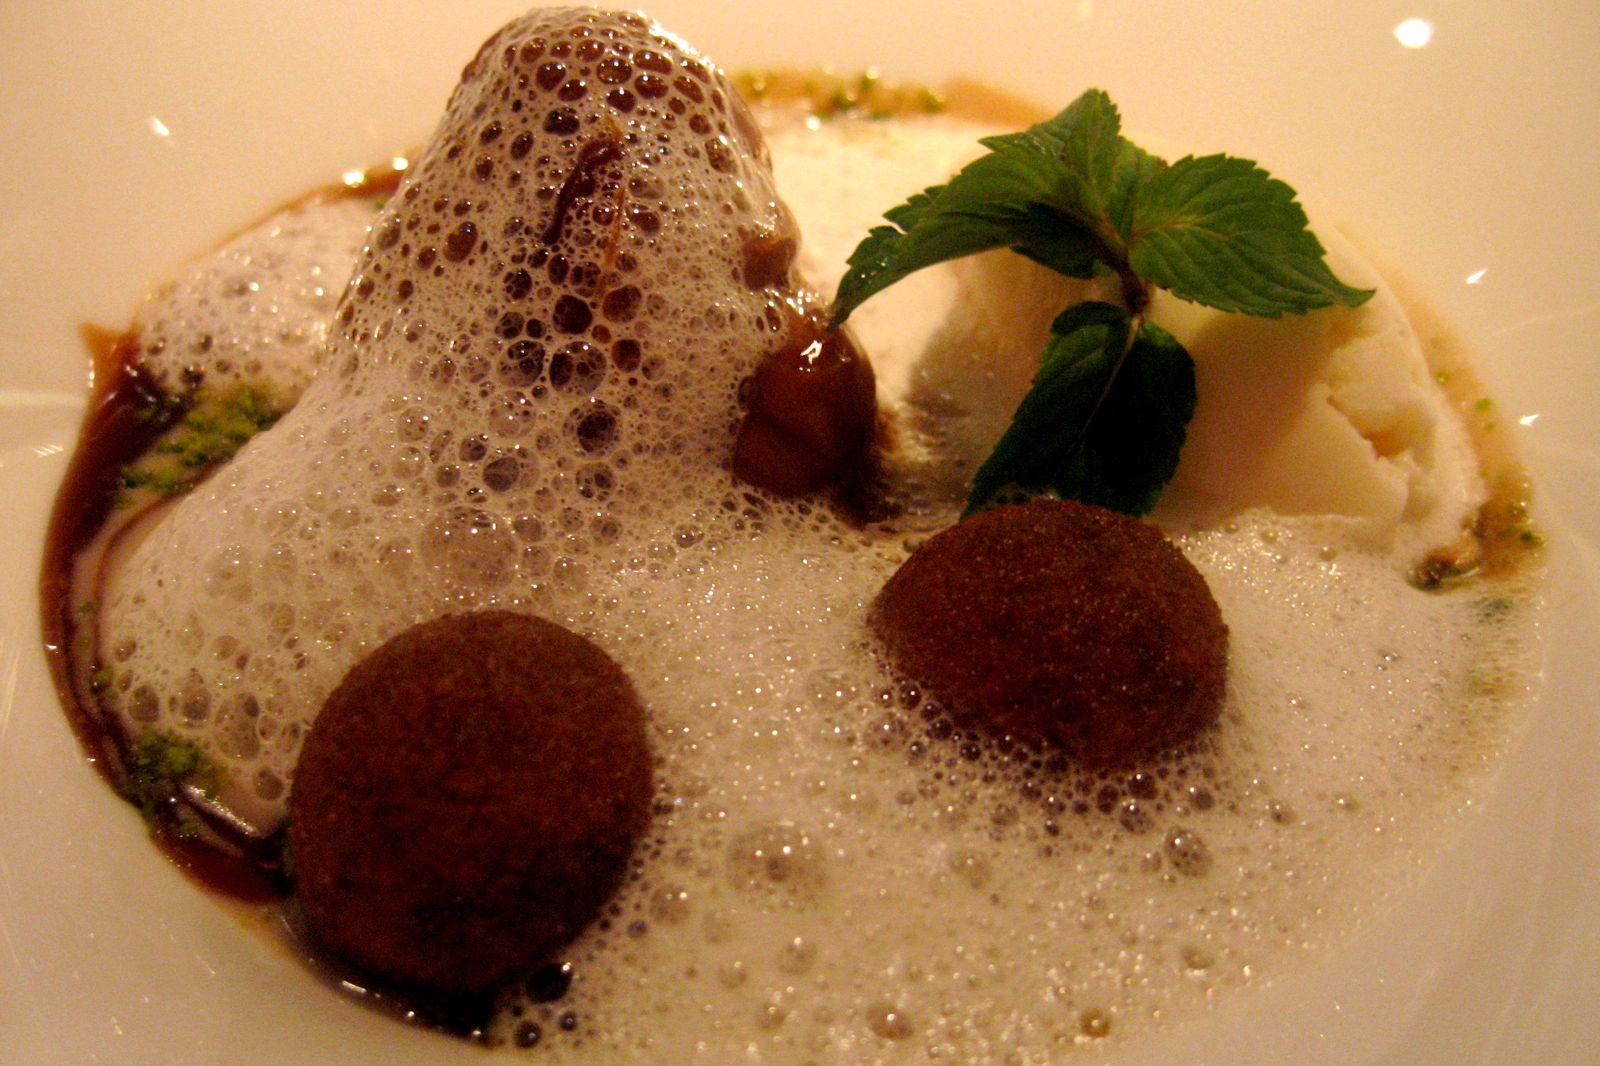 Le Marron accompagné des croquettes au chocolat, les dattes, une soupe aux marrons et une glace au